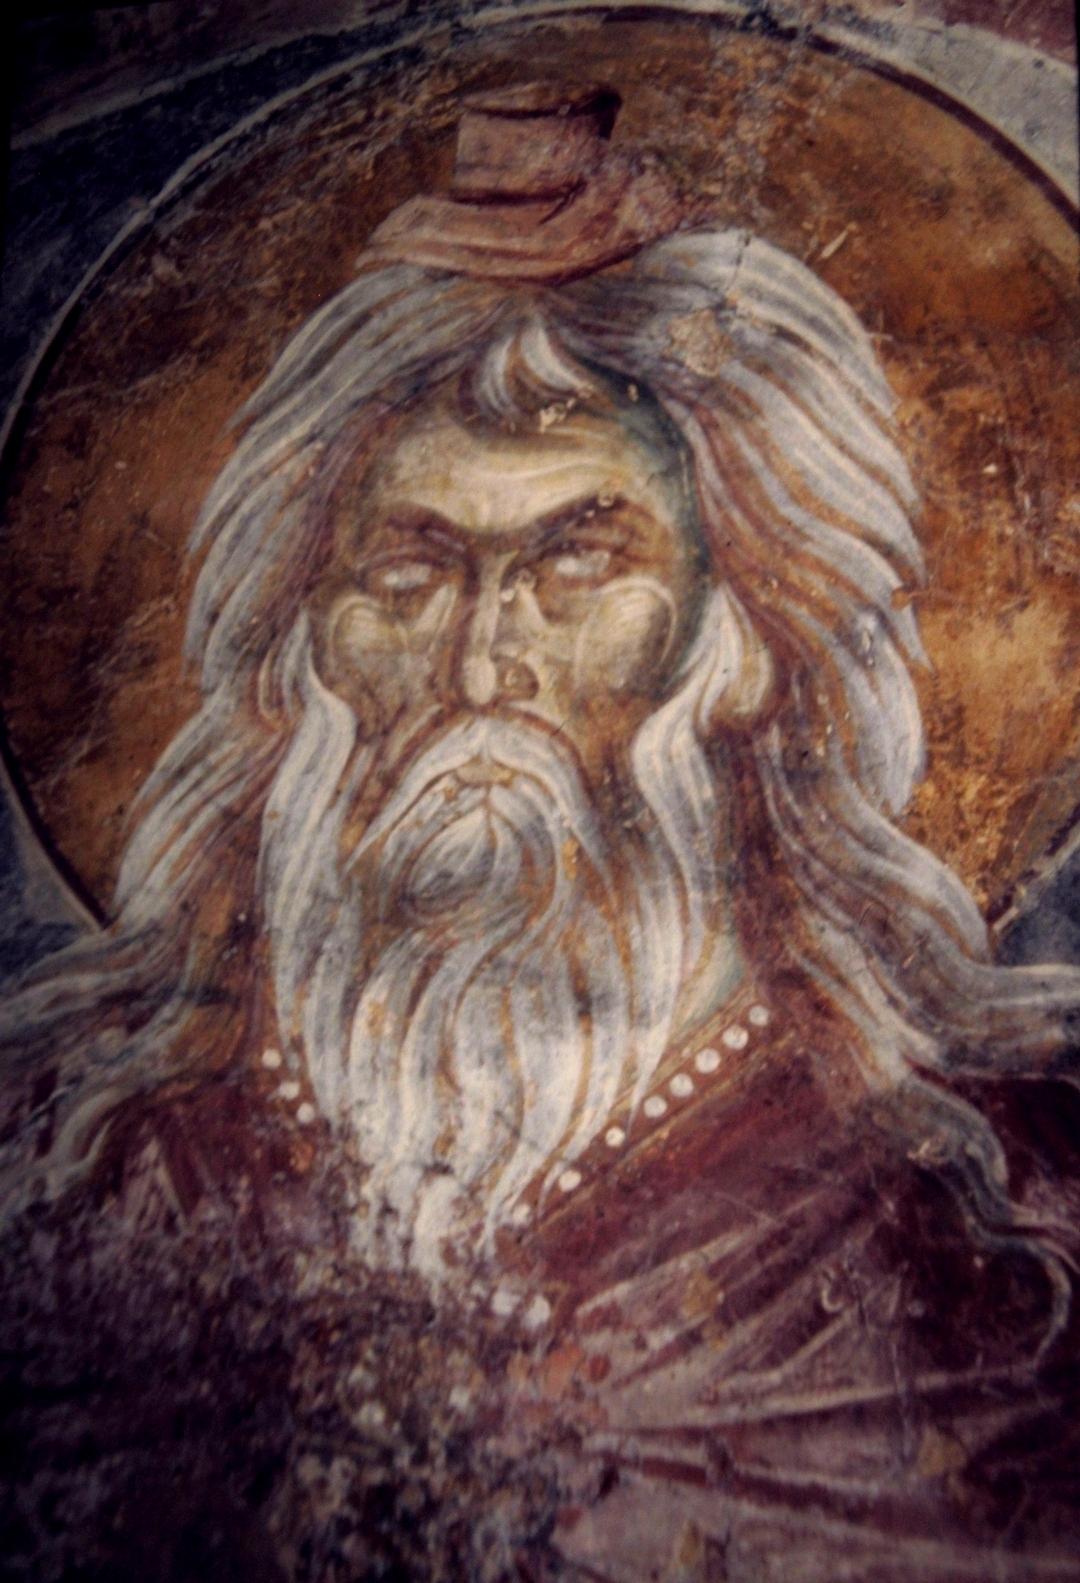 Святой Пророк Захария, отец Св. Иоанна Предтечи. Фреска монастыря Вронтохион (Бронтохион) в Мистре, Греция. 1296 год.